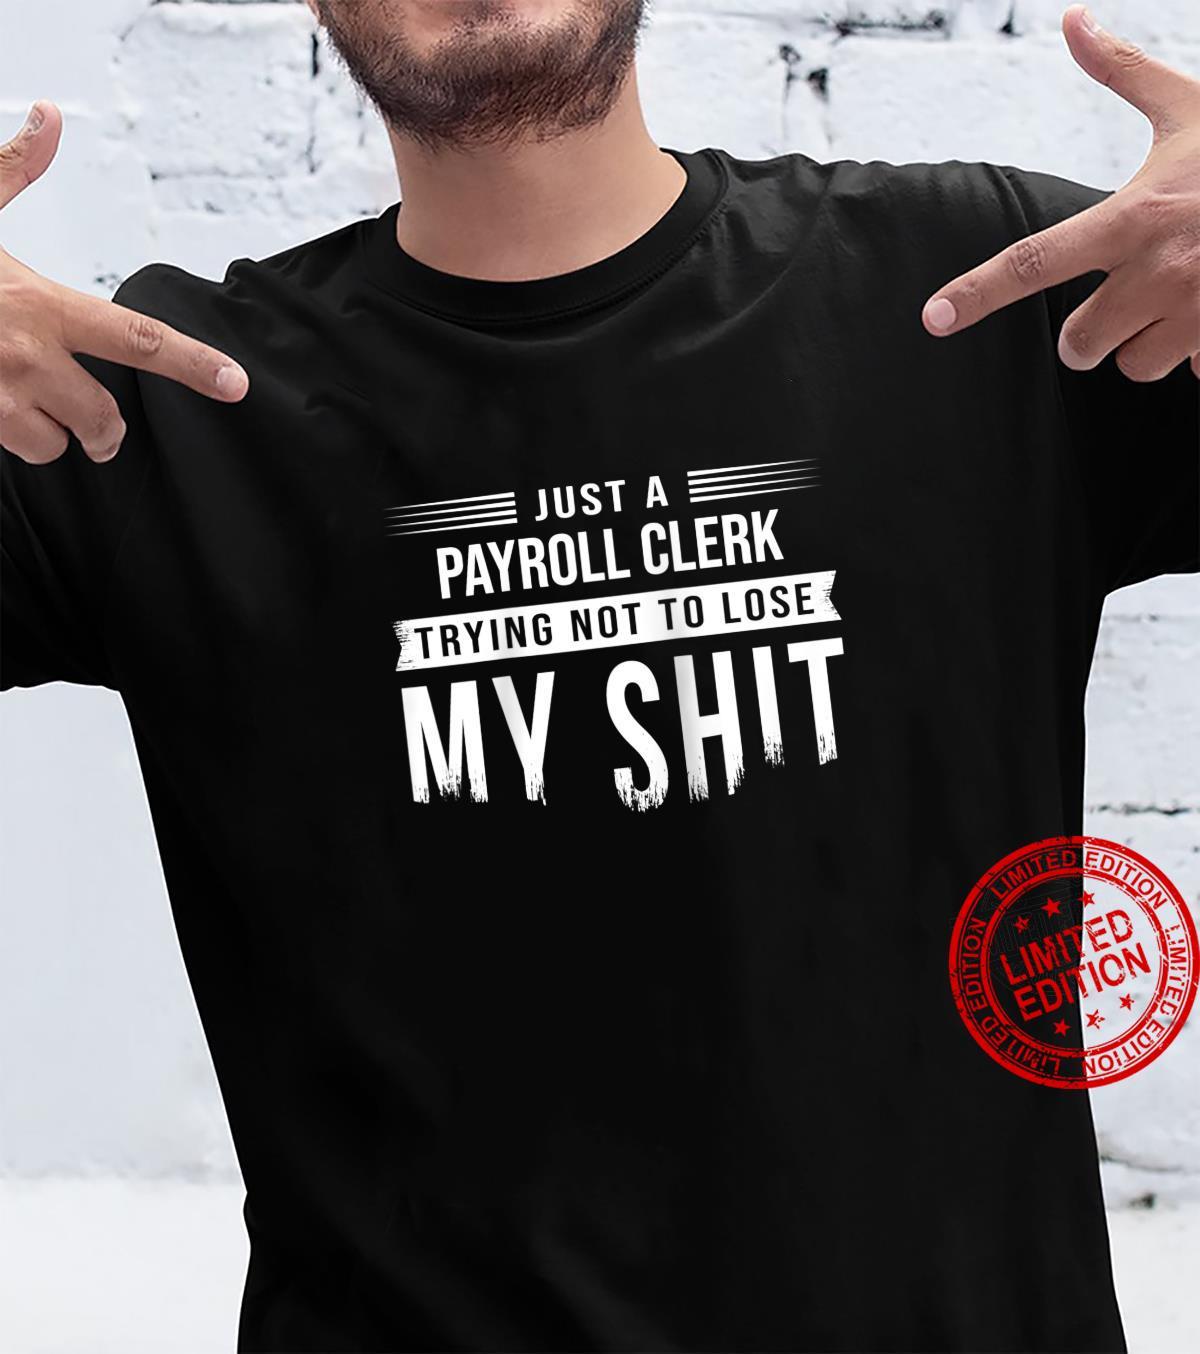 Payroll Clerk Administrator Swearing Saying Shirt